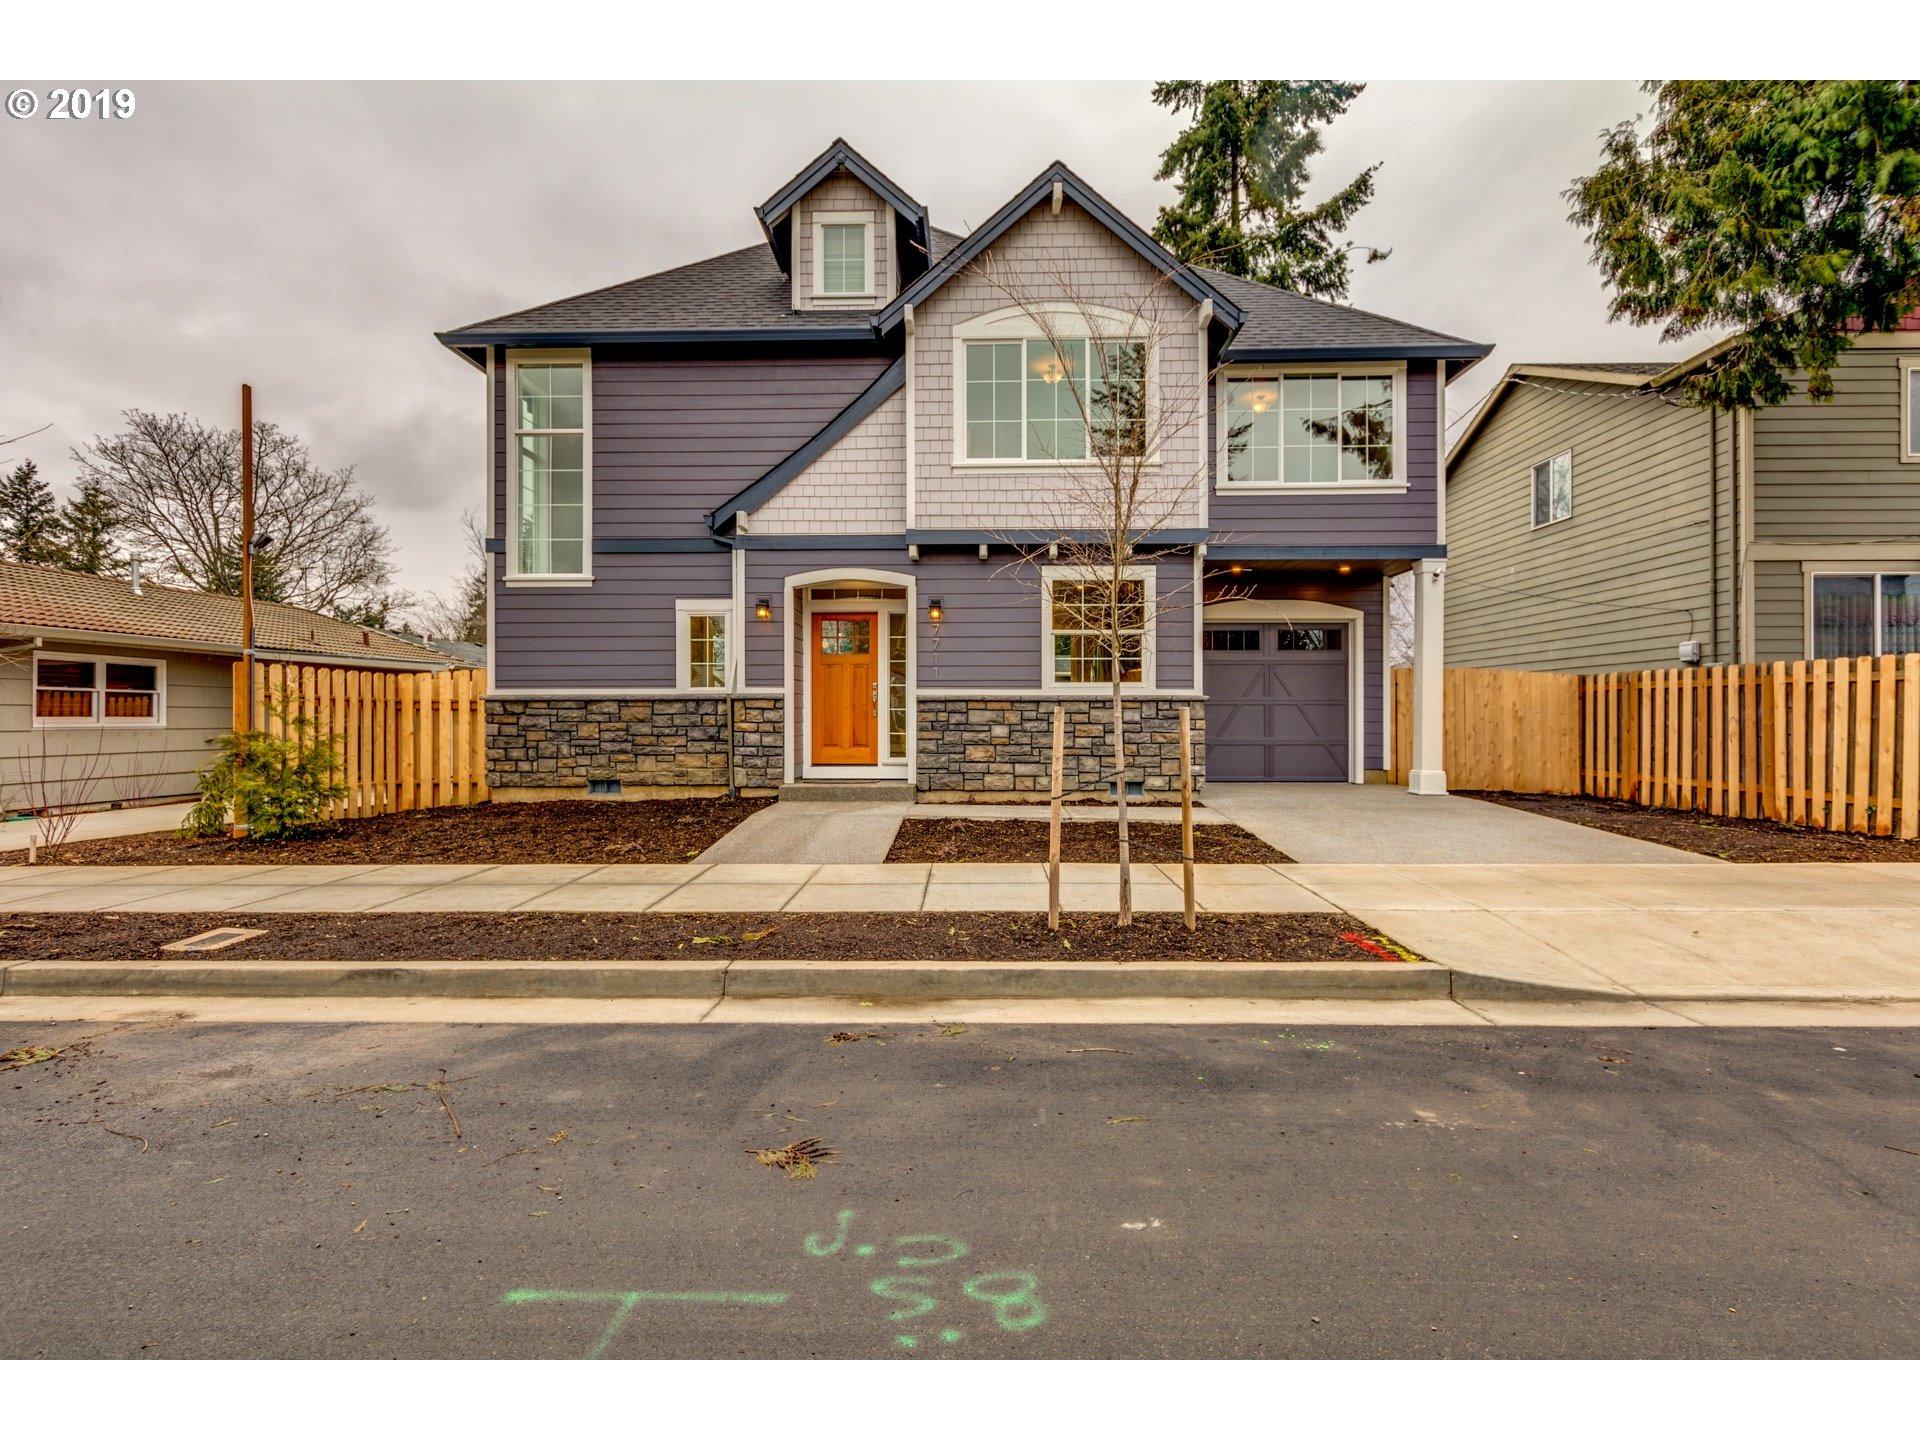 Photo of 7711 SE Glenwood ST Portland OR 97206